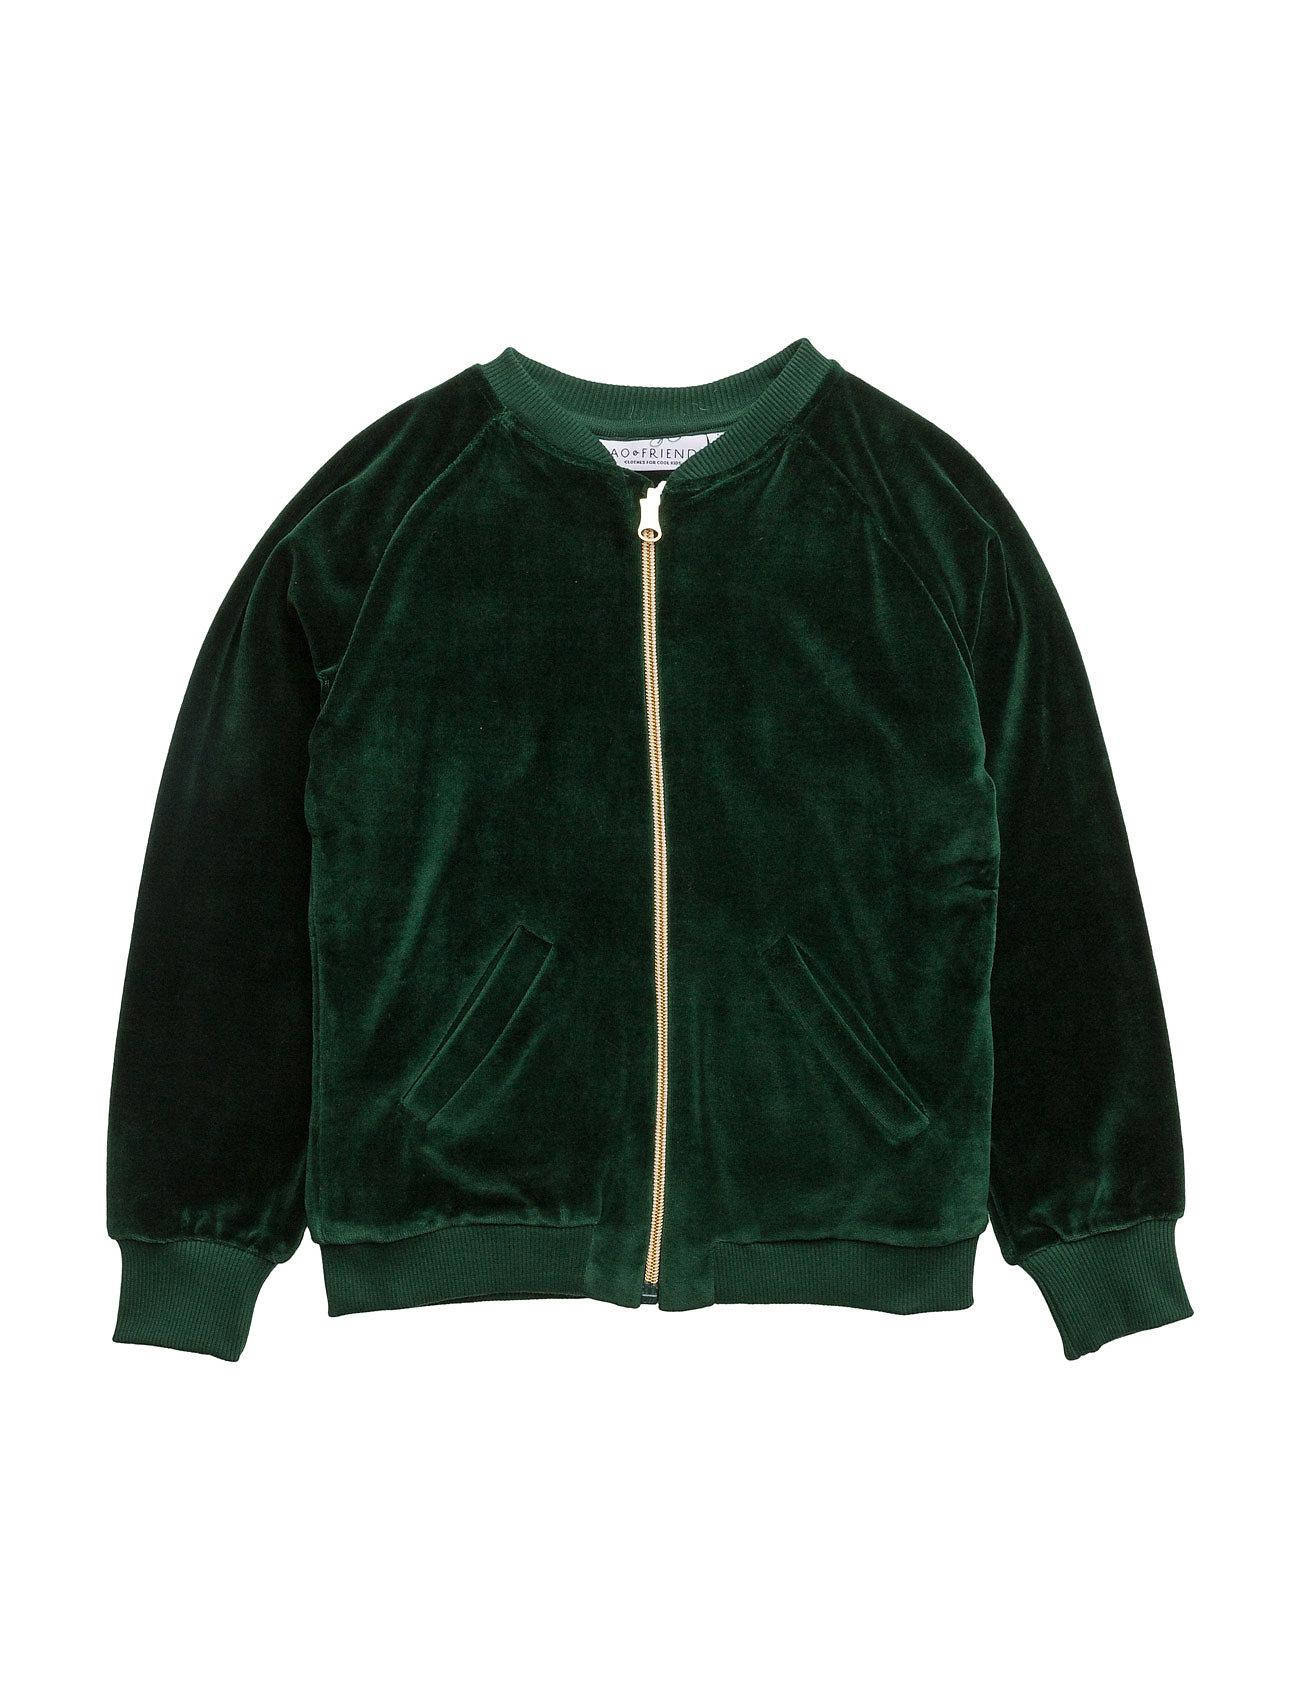 Bomber jacket gorillan velvet green fra tao & friends på boozt.com dk